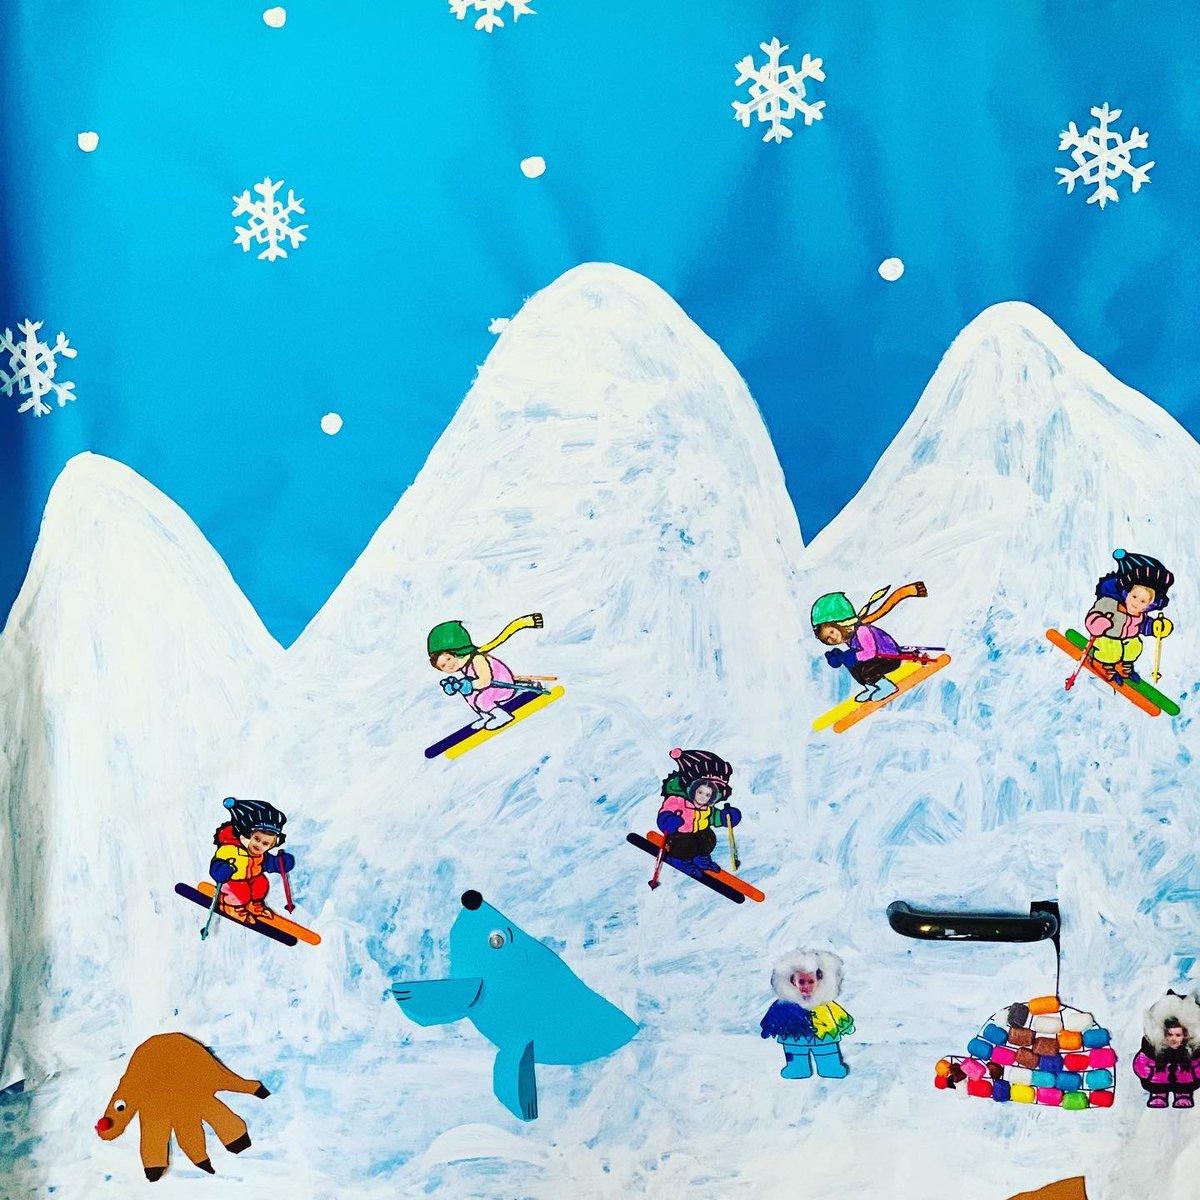 ¡¡¡Con esta preciosa decoración invernal, os deseamos un feliz fin de semana!!!  #invierno #winterishere #esquimales #pingüinos #nieve #educacióninfantil #artsandcrafts #doityourself #profesmolonas #creatividad #imaginación #micolemola #ceiprosaluxemburgo #aravaca #pozuelopic.twitter.com/SJDHCCWbsN